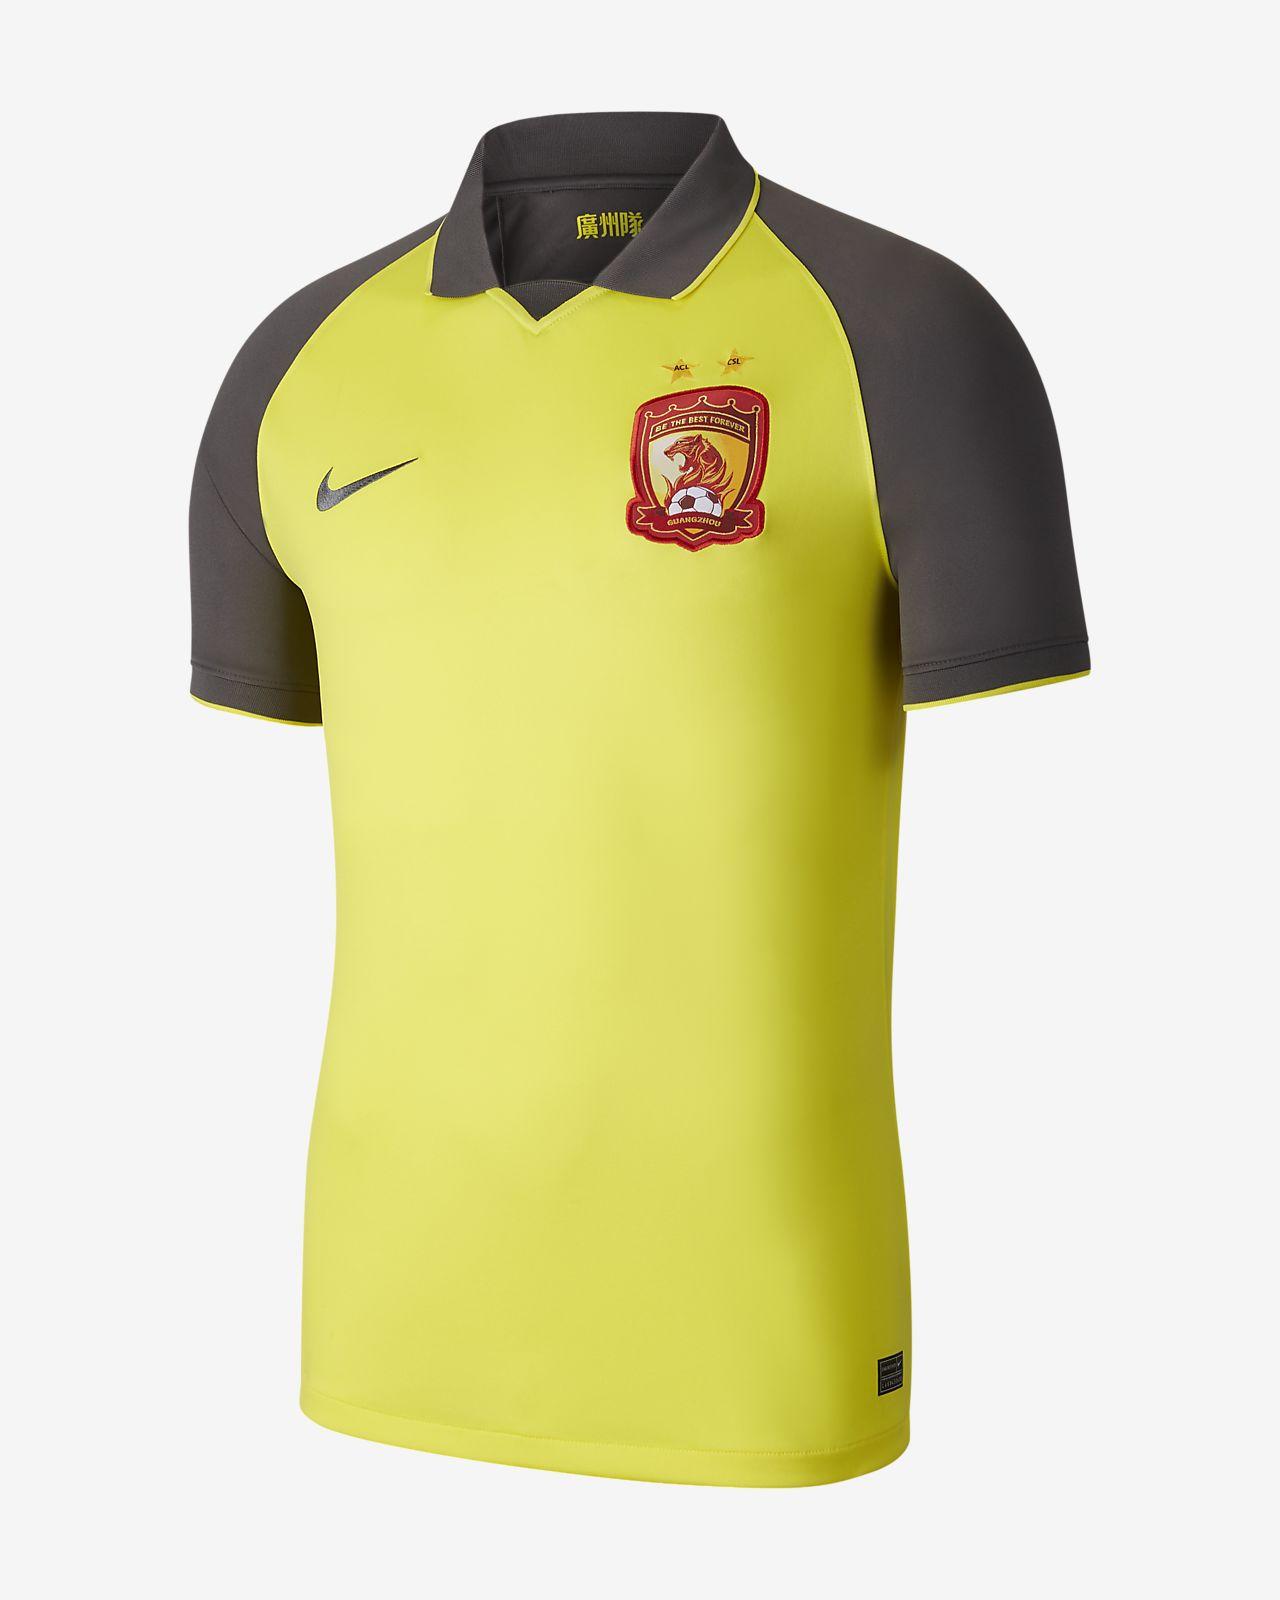 2020/2021 赛季广州恒大淘宝客场球迷版男子足球球衣